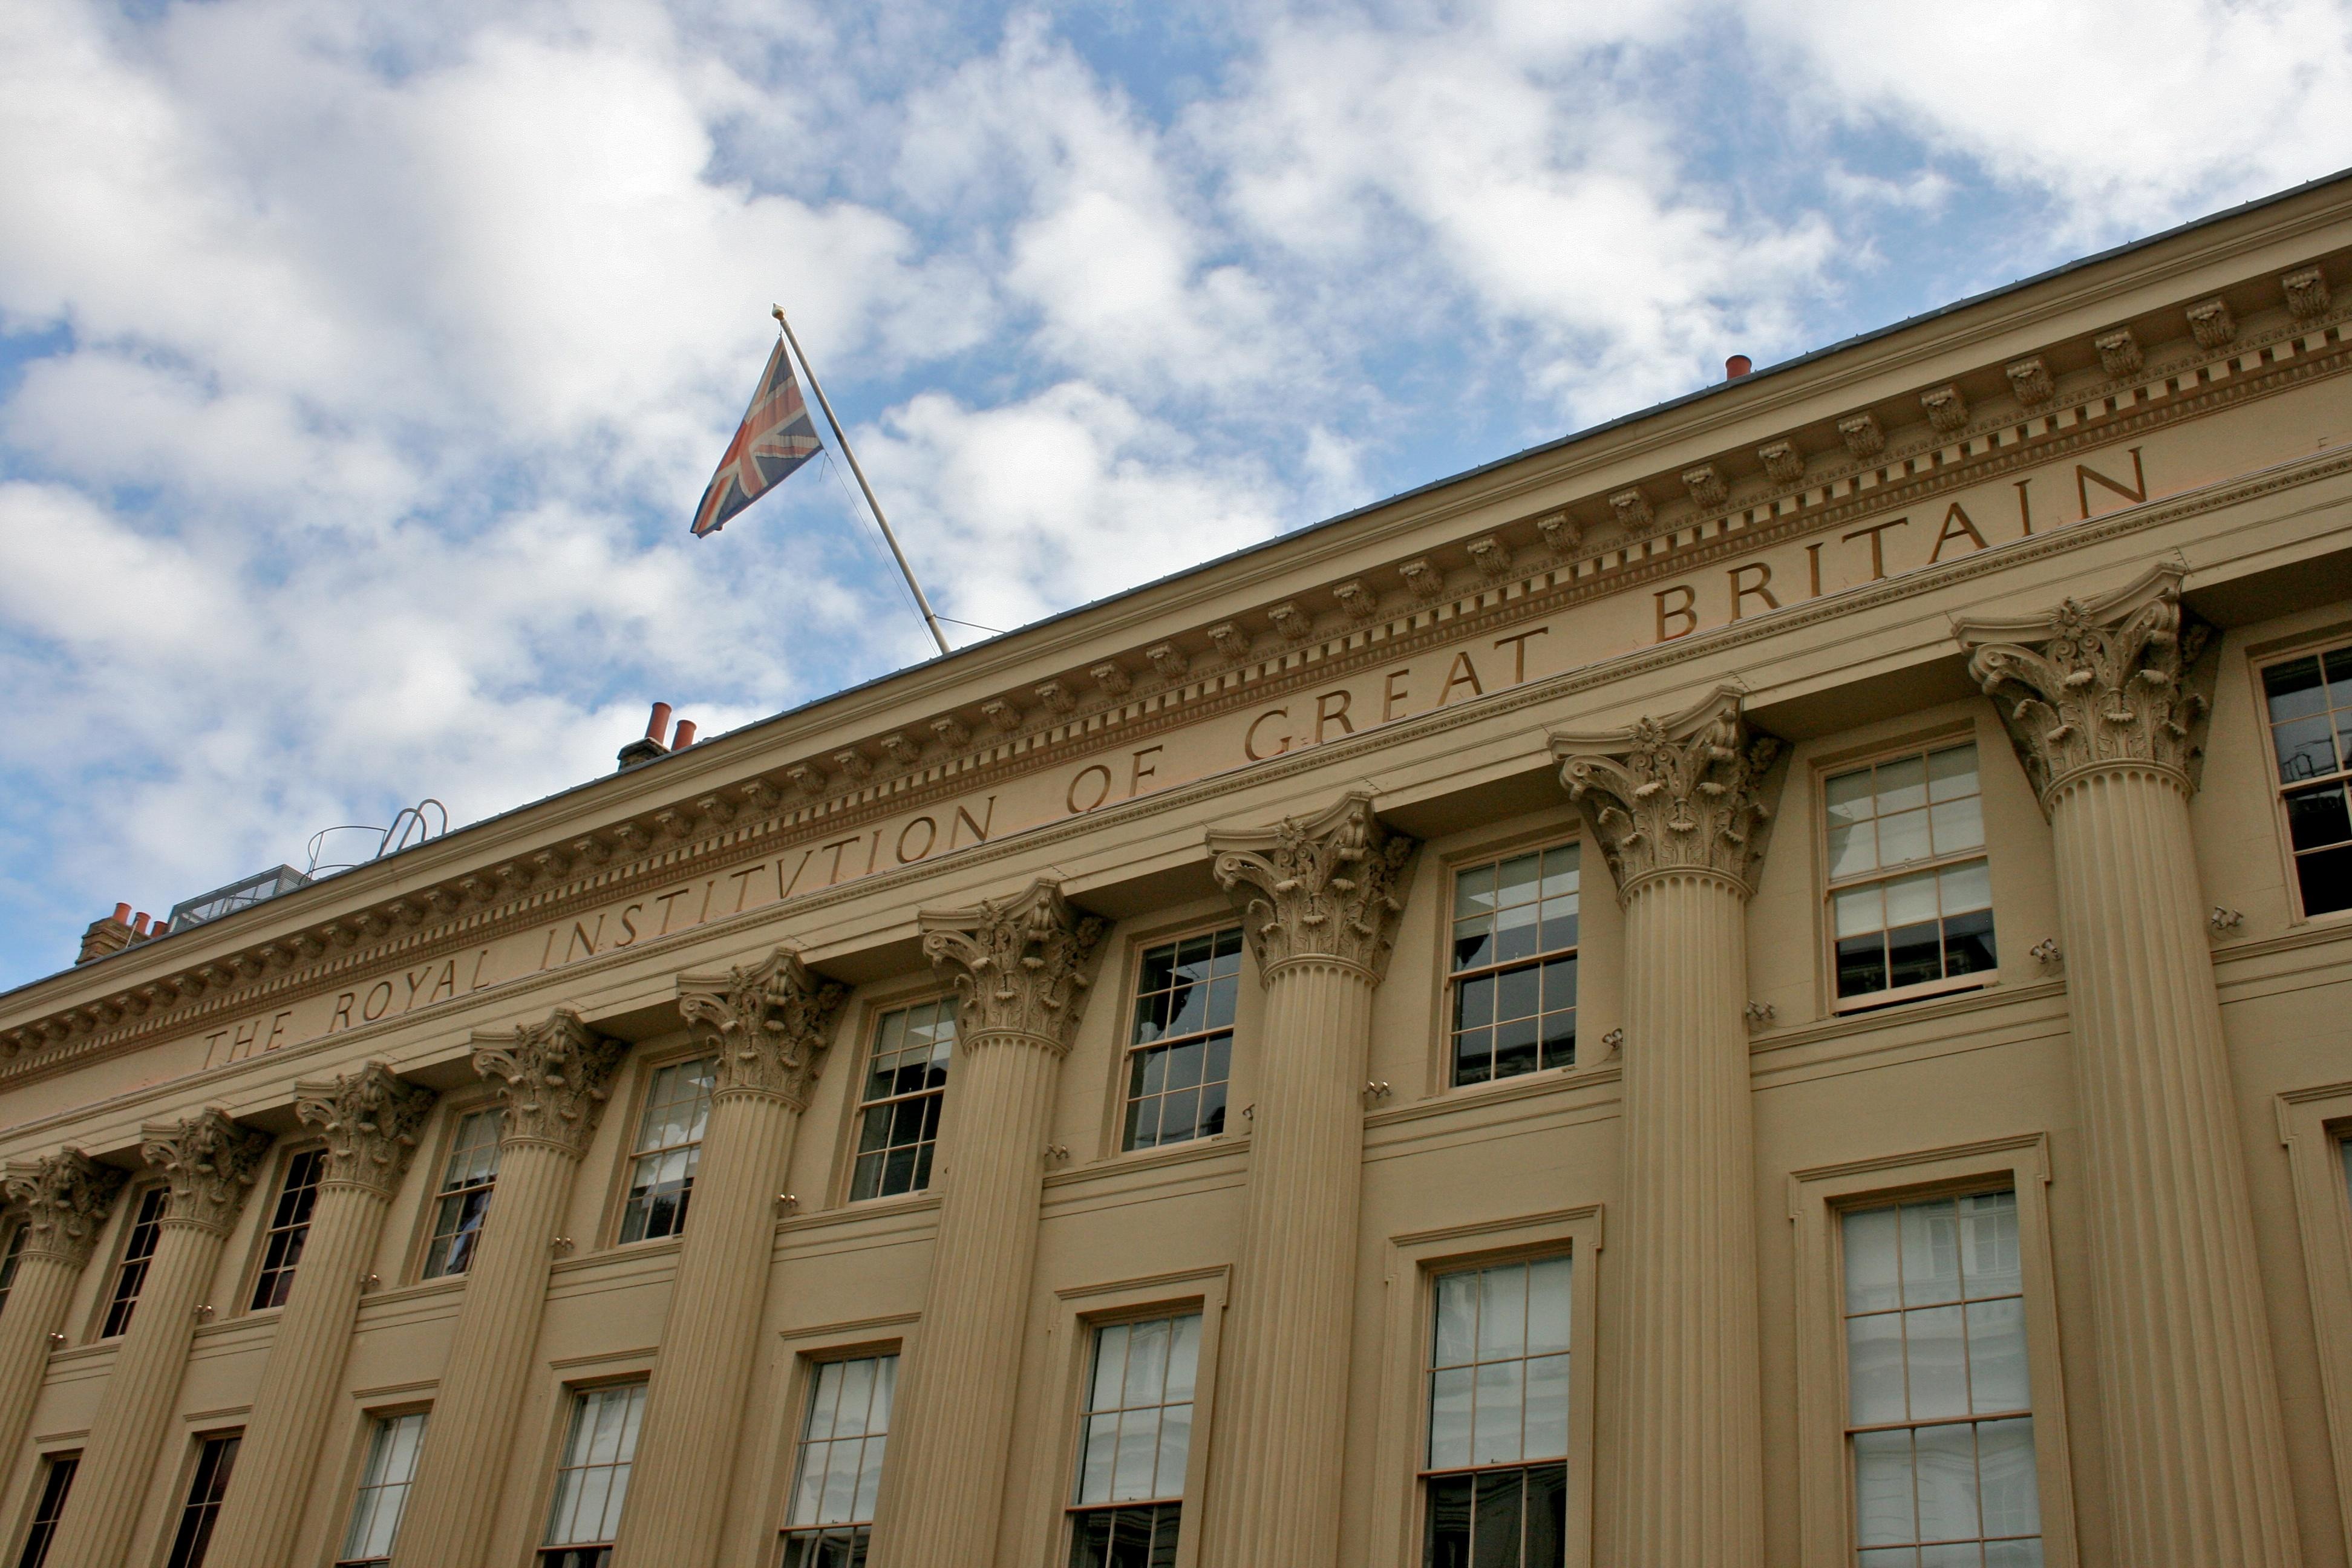 Royal_Institution.jpg